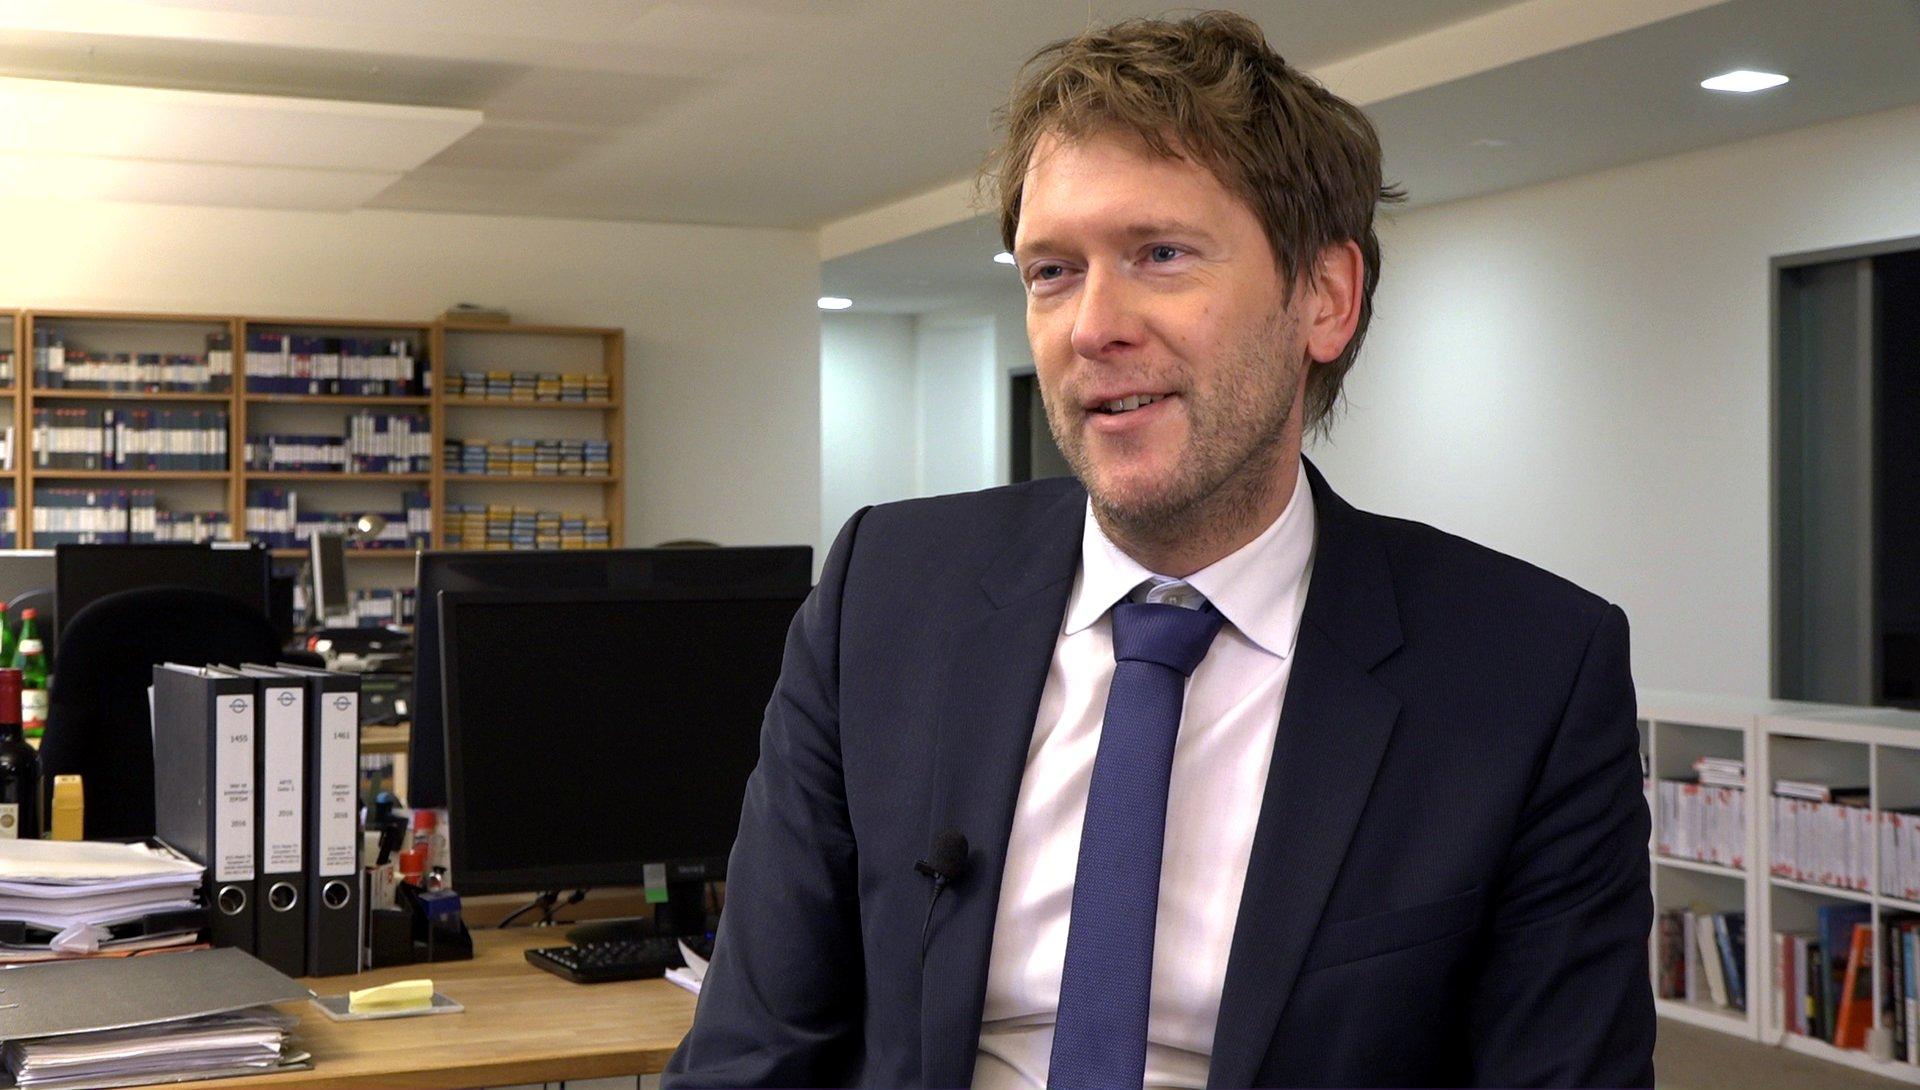 VWL-Professor Henning Vöpel über Globalisierung, Populismus und das Weltwirtschaftsforum in Davos